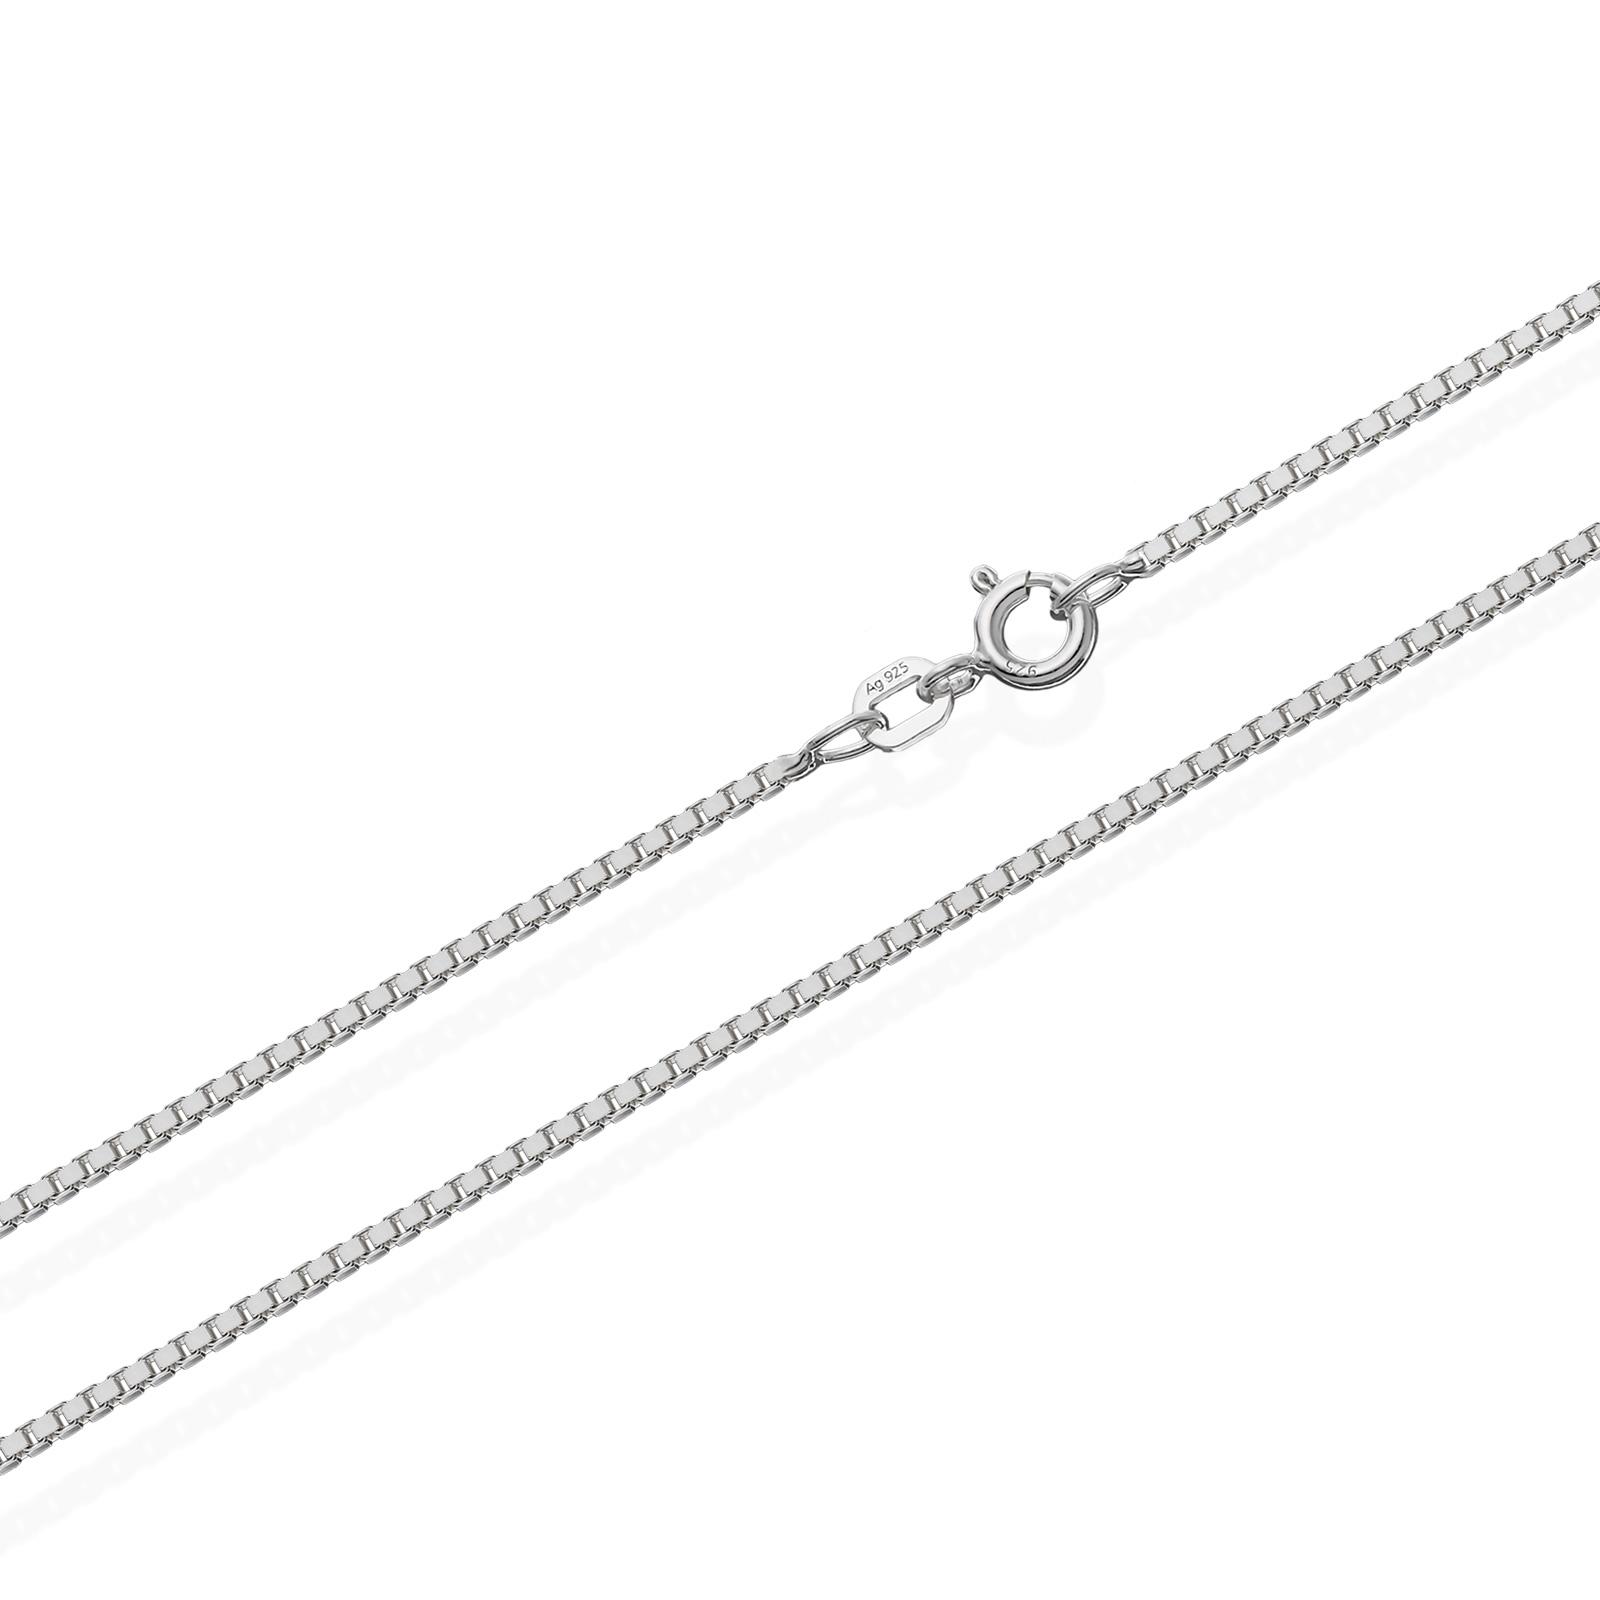 echte 925er Sterlingsilber Venezianerkette Silberkette Halskette Damen Herren 0,70mm